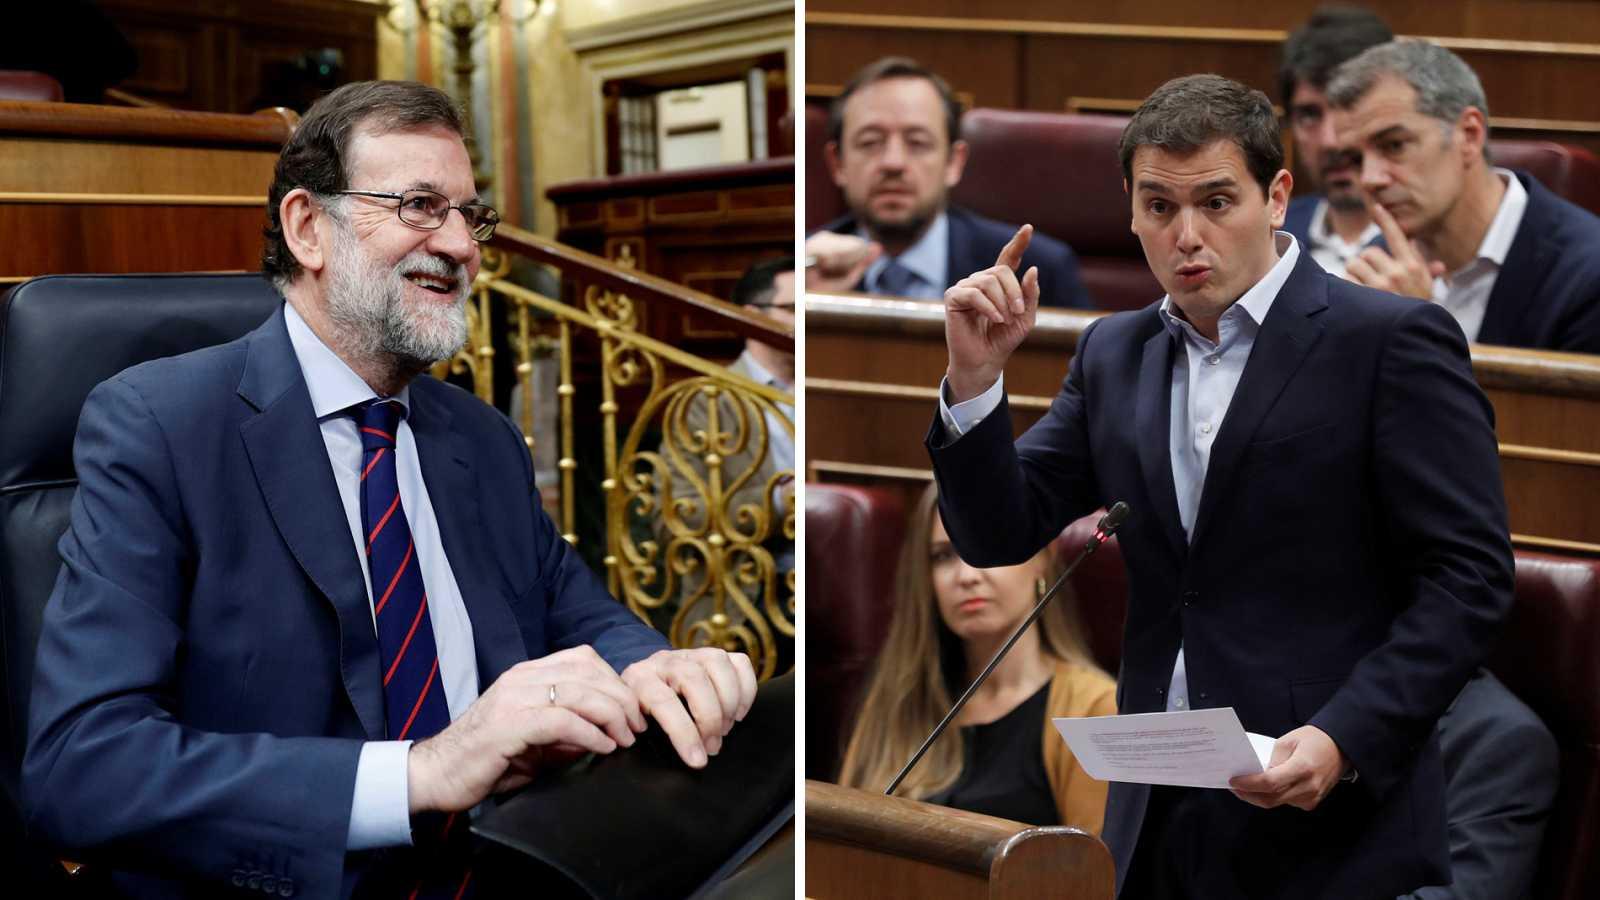 Rivera pide que recurra el voto delegado de Puigdemont a Rajoy, que lo descarta alegando que no puede hacerlo